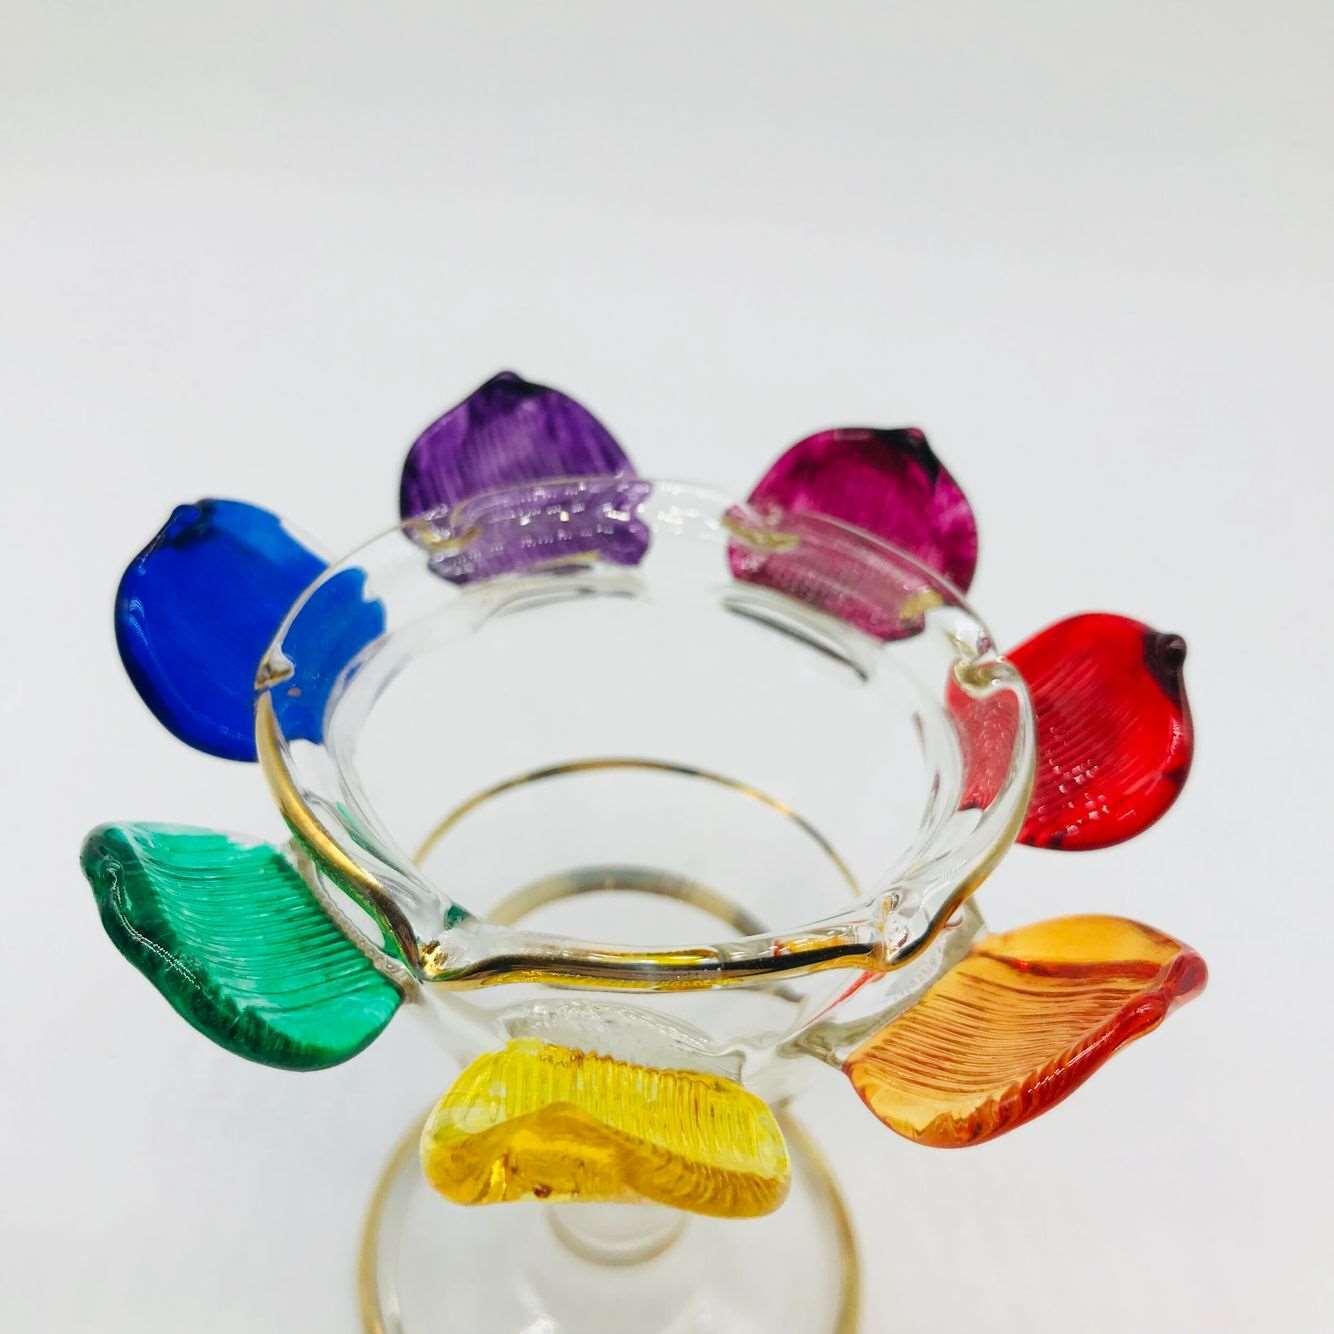 埃及纯手工玻璃莲花烛台 香精瓶摆件家居软装异域蜡烛灯台 七脉轮